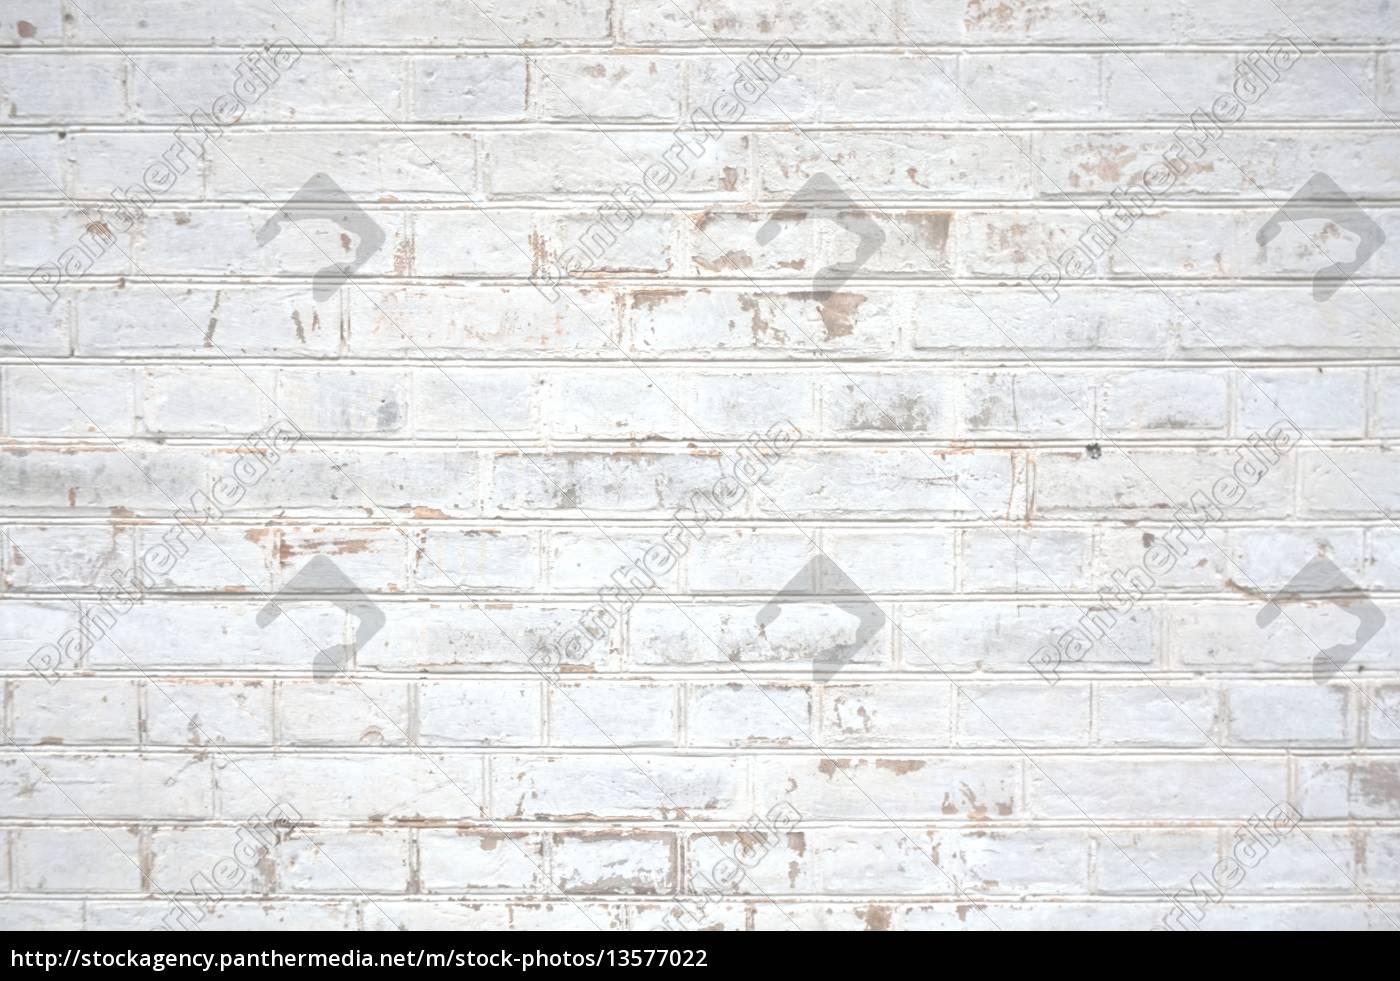 steinwand, steinwand hintergrund hell - stockfoto - #13577022 - bildagentur, Design ideen